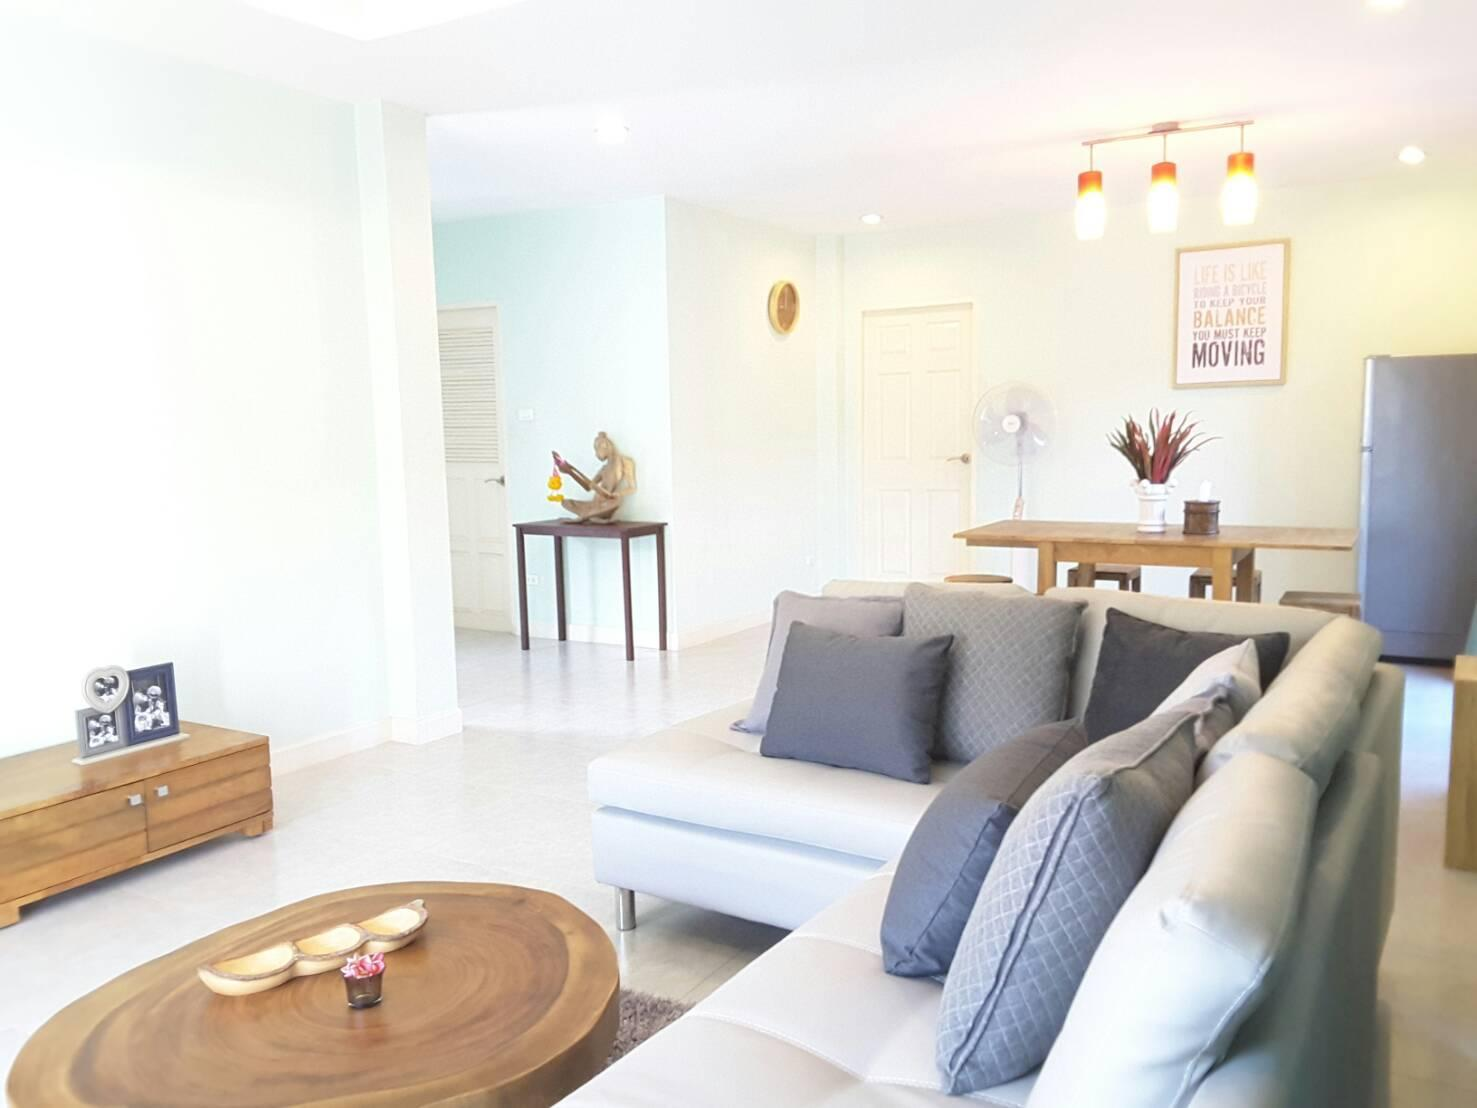 Pinthip Holiday House บ้านเดี่ยว 3 ห้องนอน 3 ห้องน้ำส่วนตัว ขนาด 400 ตร.ม. – เขตเมืองเก่า